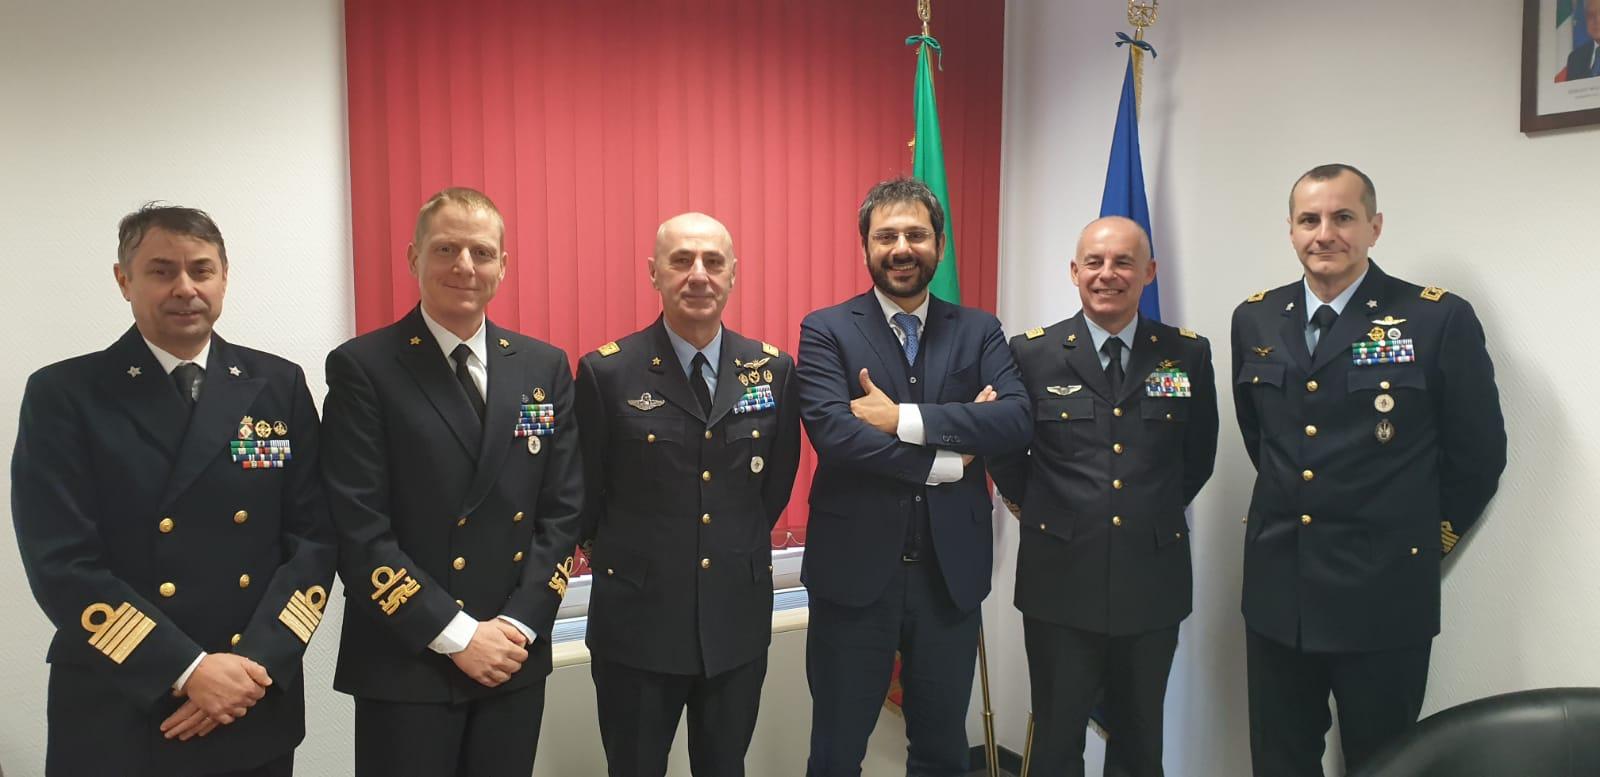 Angelo Tofalo fa visita alla Rappresentanza permanente d'Italia presso l'Unione europea